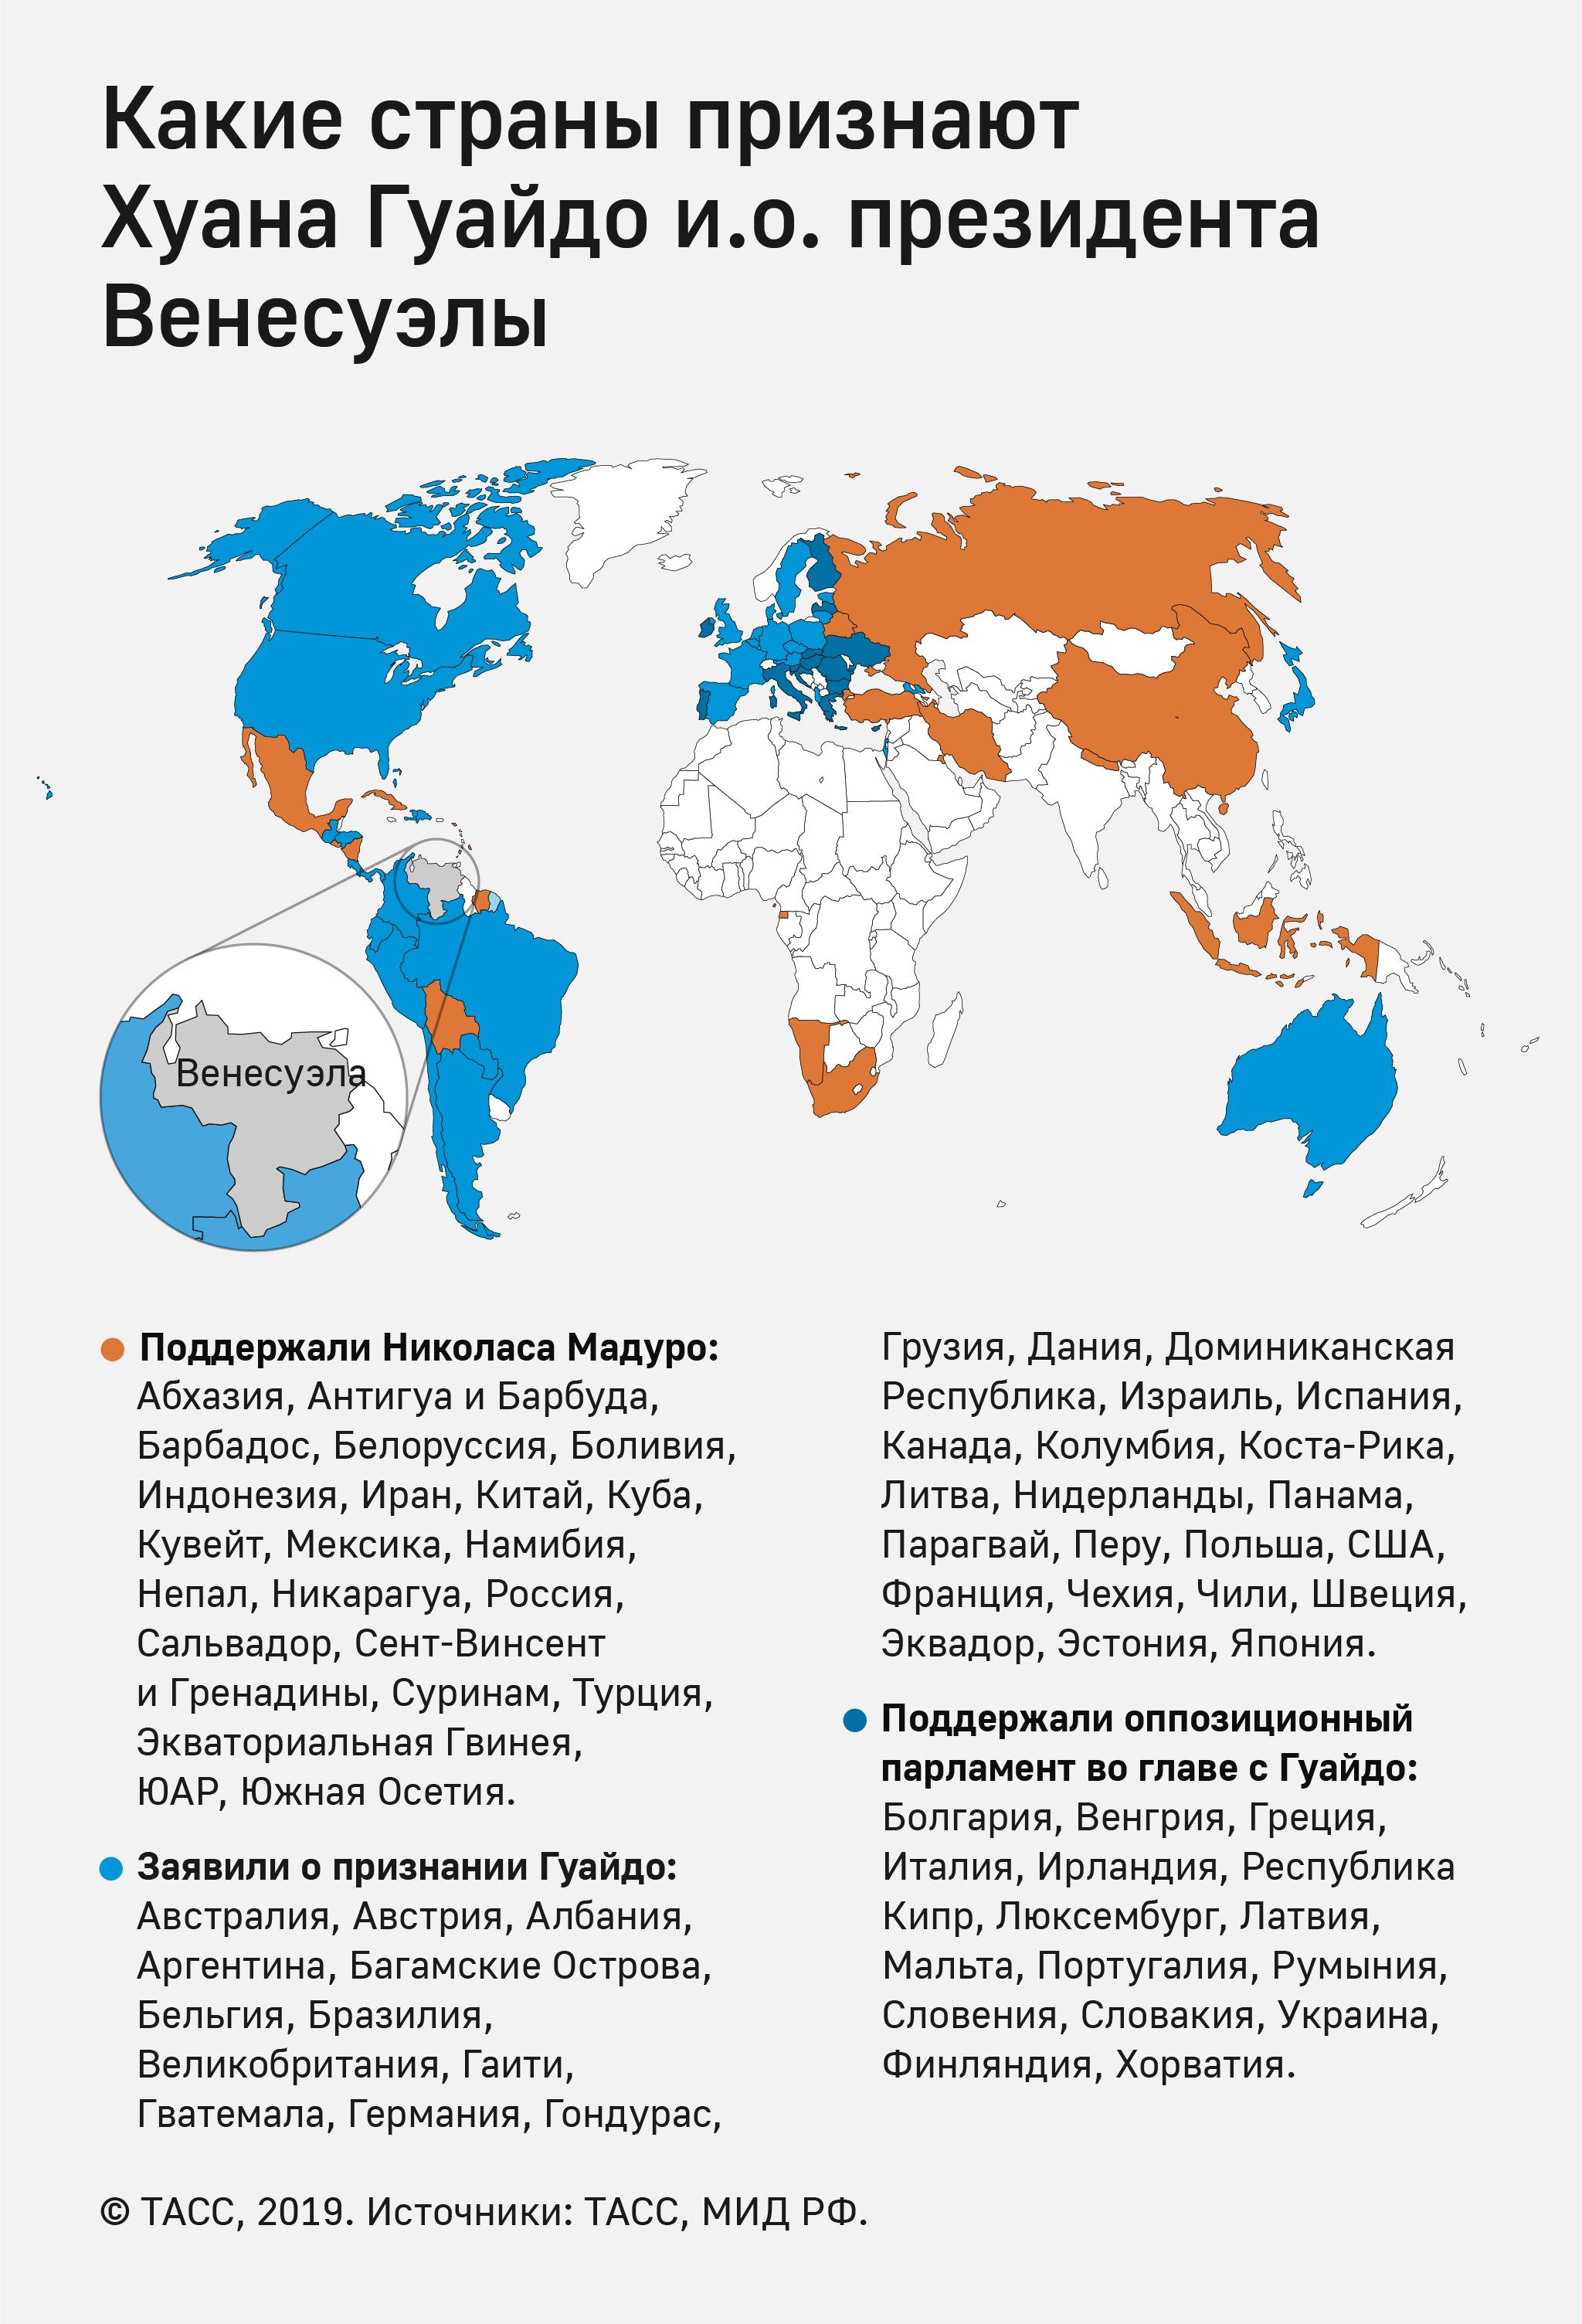 Какие страны признают Хуана Гуайдо и.о. президента Венесуэлы